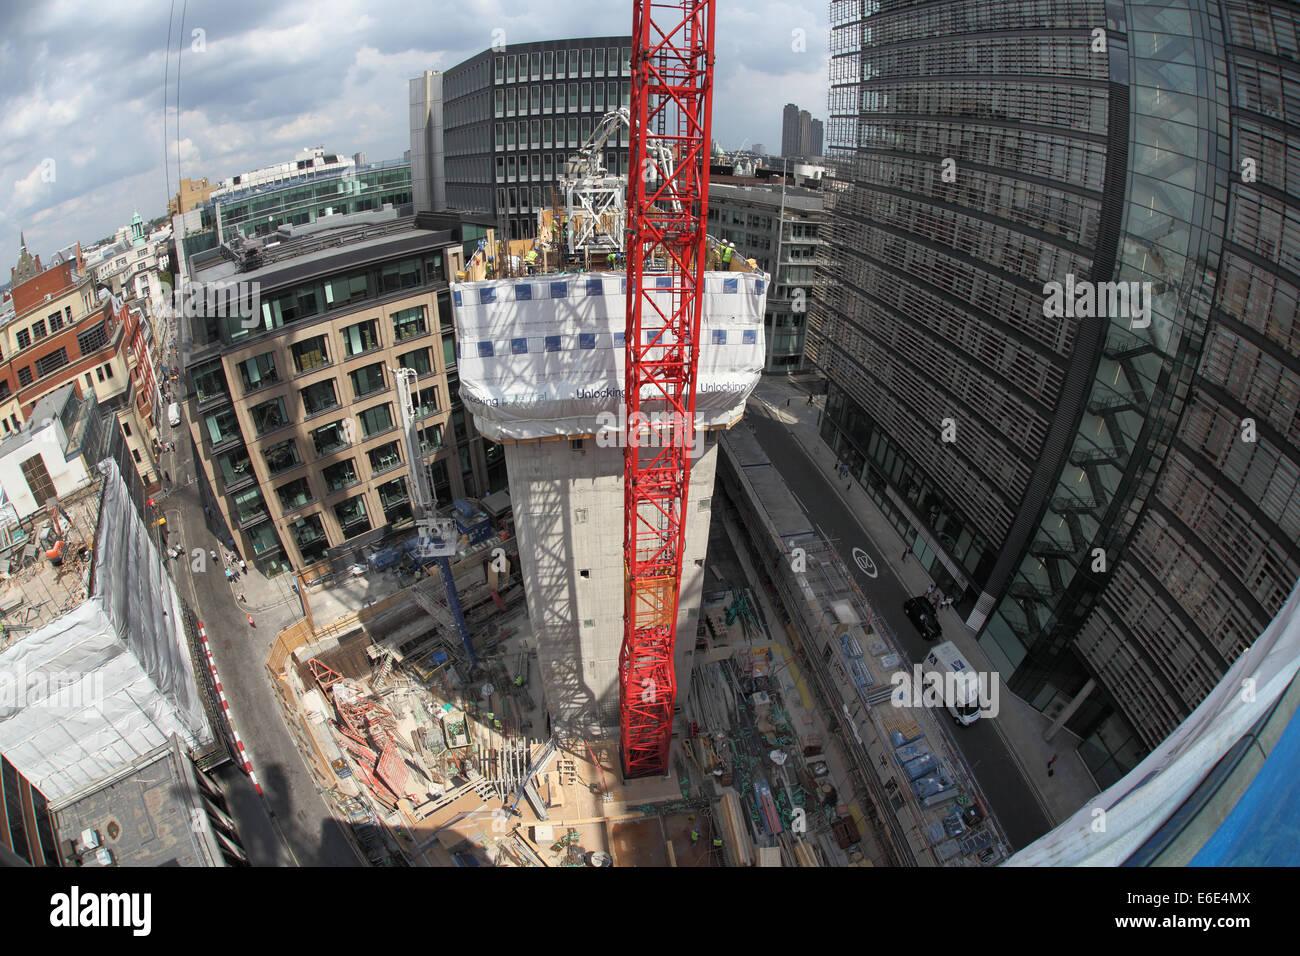 Fischaugen-Blick auf einer geschlossenen zentralen London Baustelle, zeigen die konkreten Kern mit einem Slip-Form Stockbild